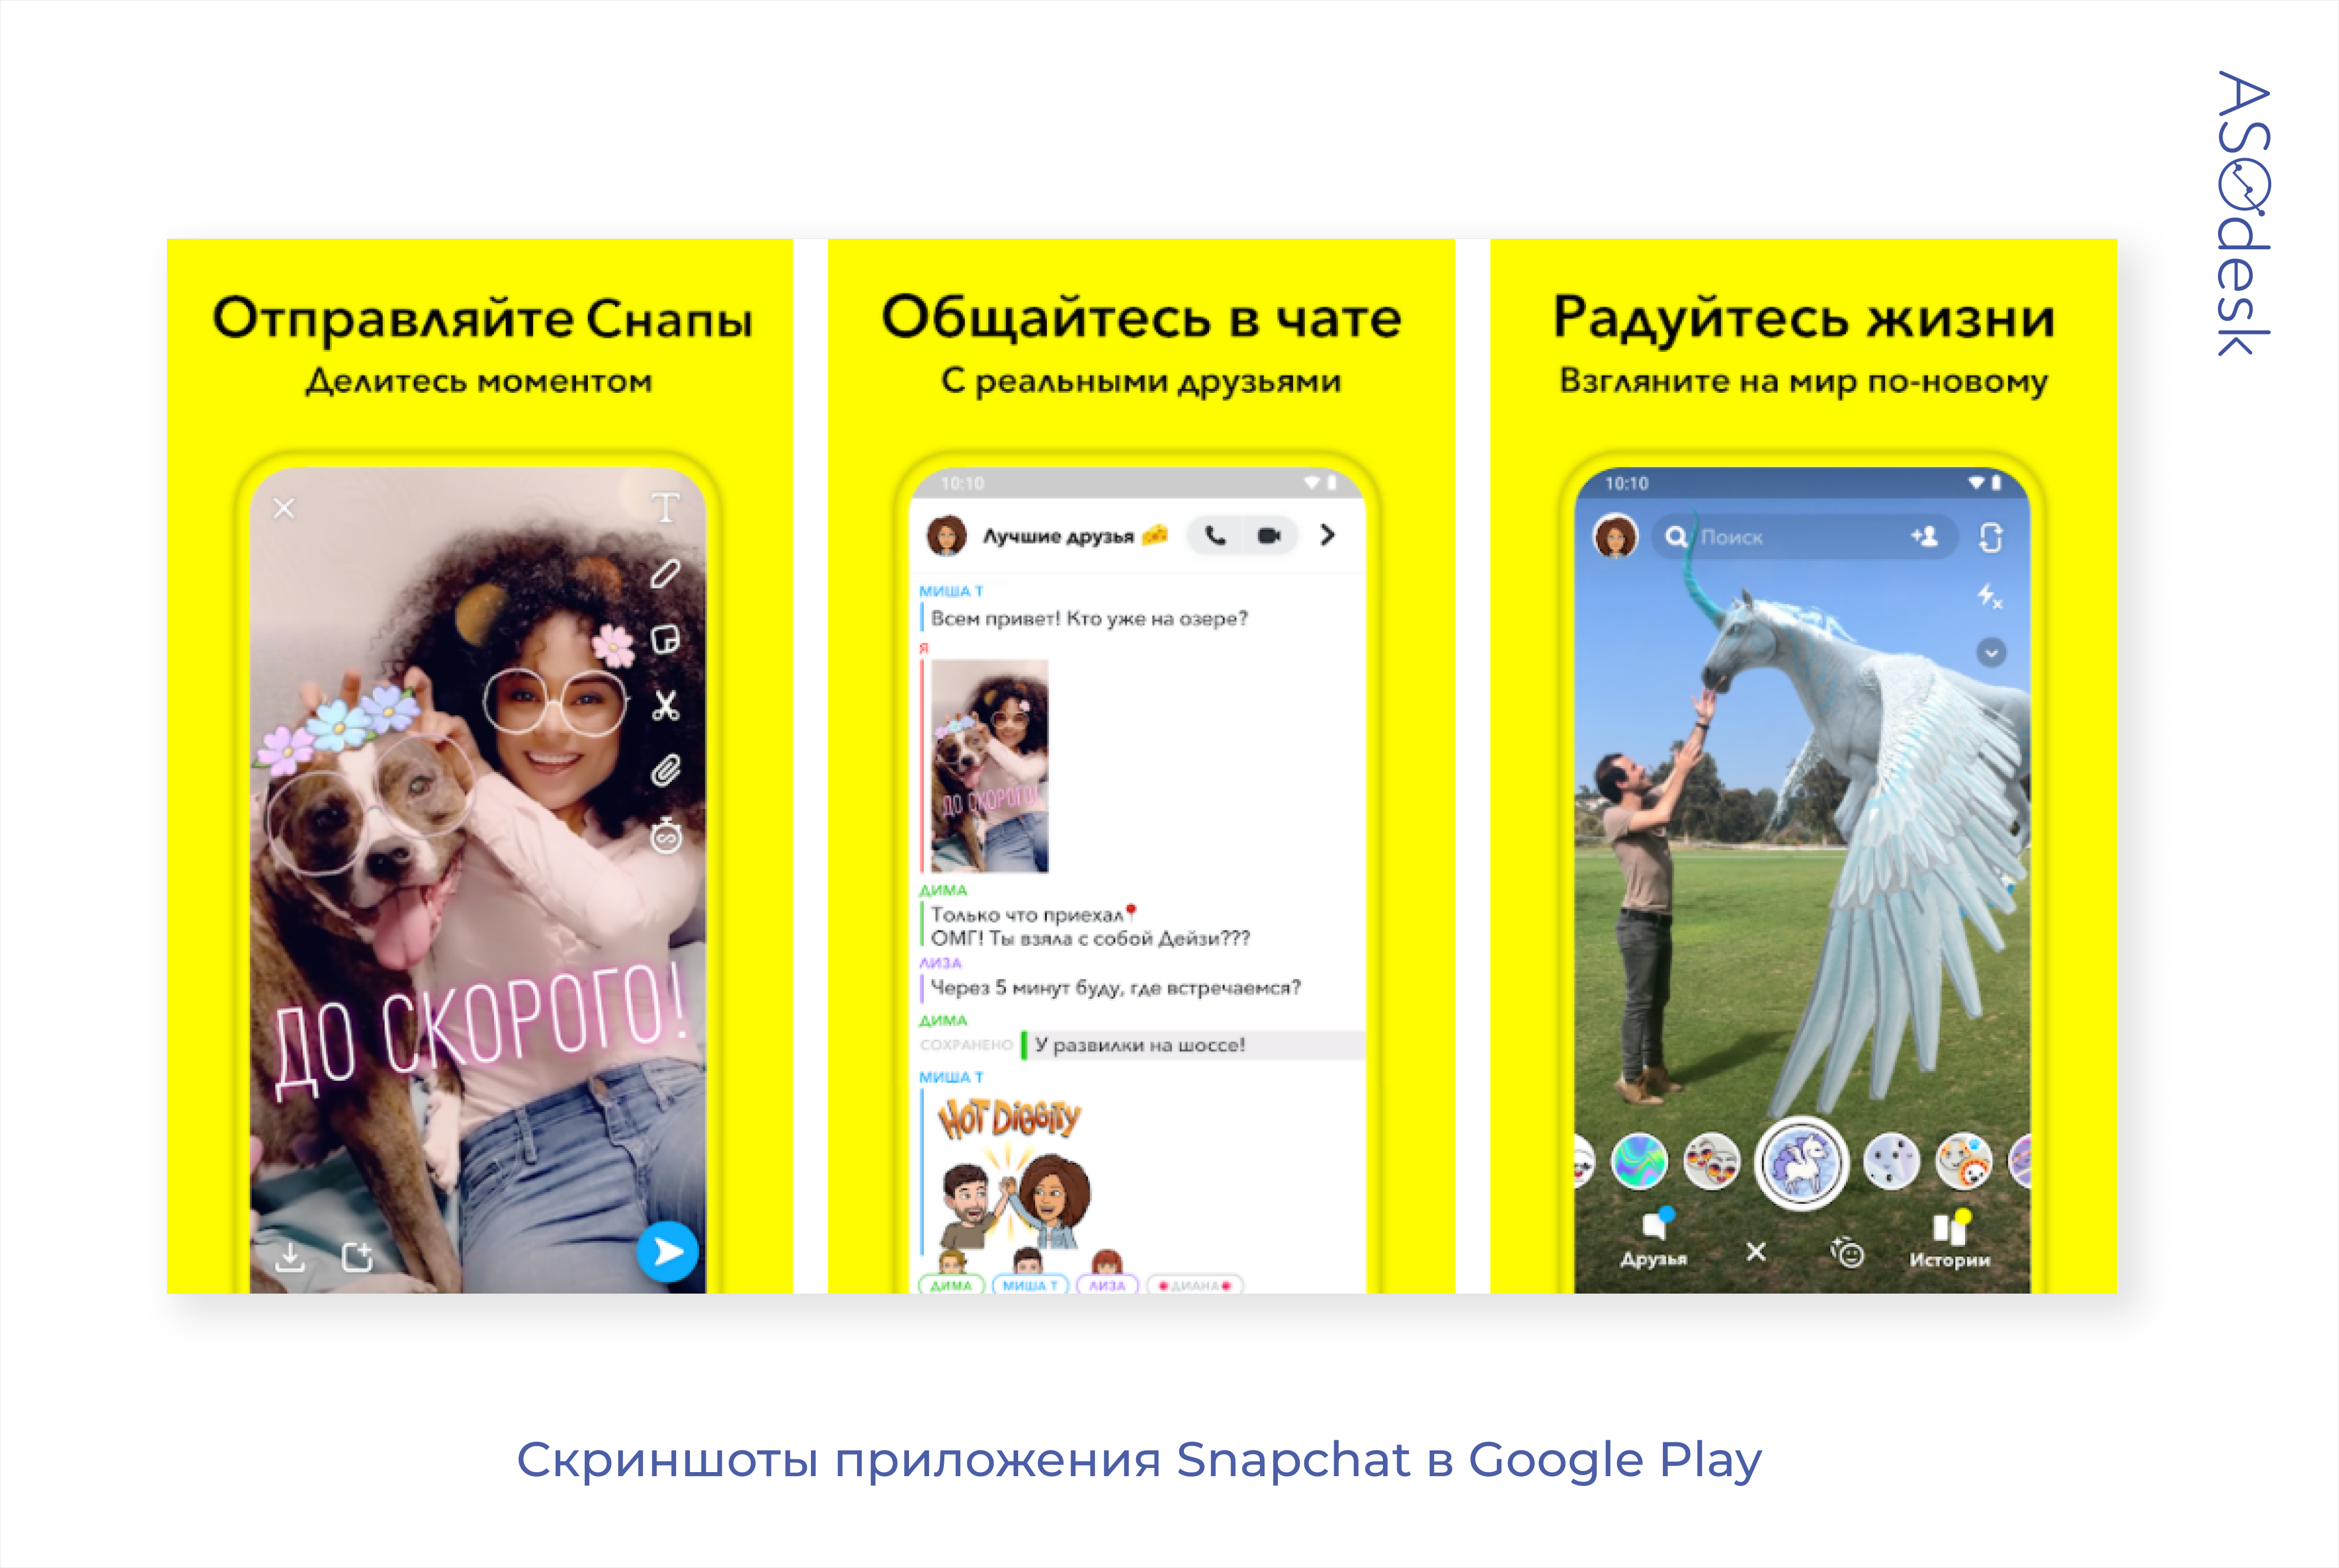 Скриншоты со страницы приложения Snapchat в Google Play